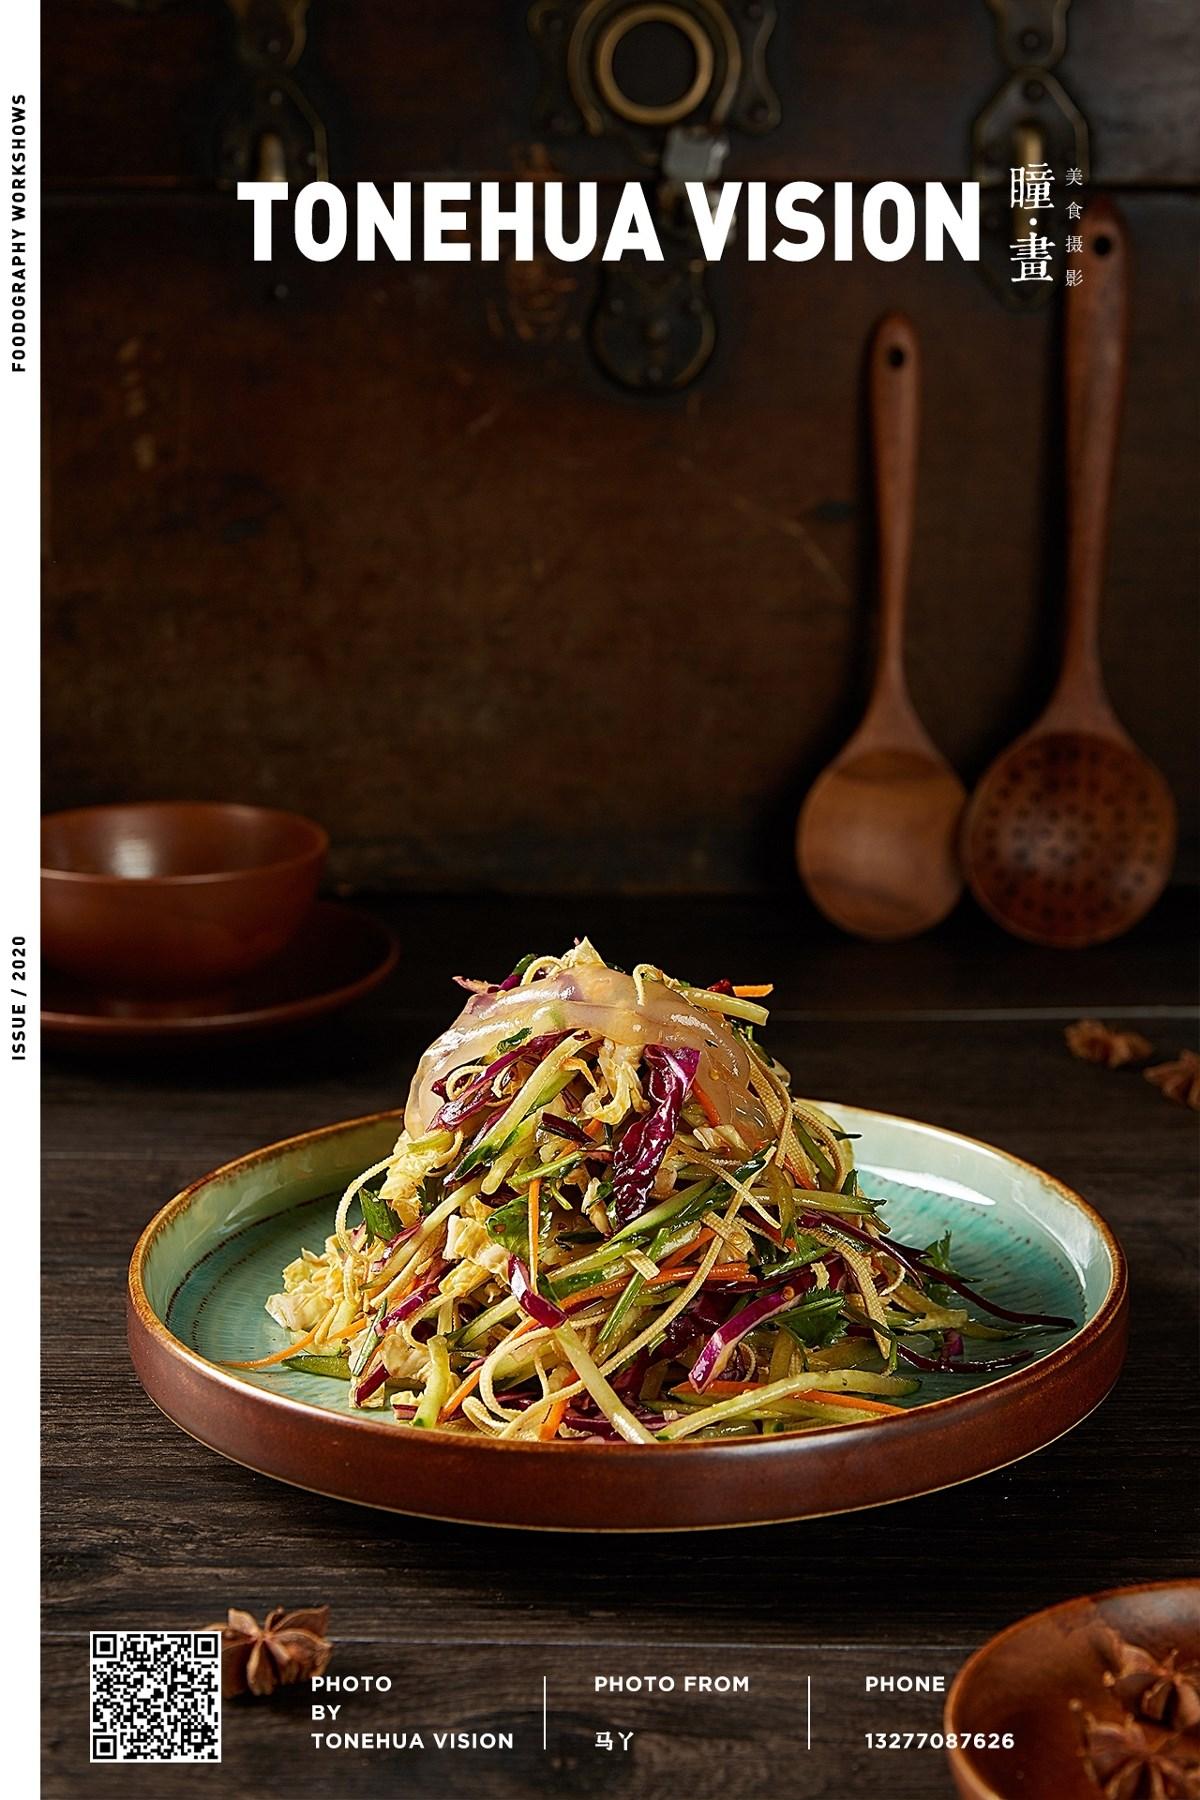 武汉专业美食摄影|菜品菜单拍摄|火锅烧烤拍摄|瞳画视觉美食摄影工作室